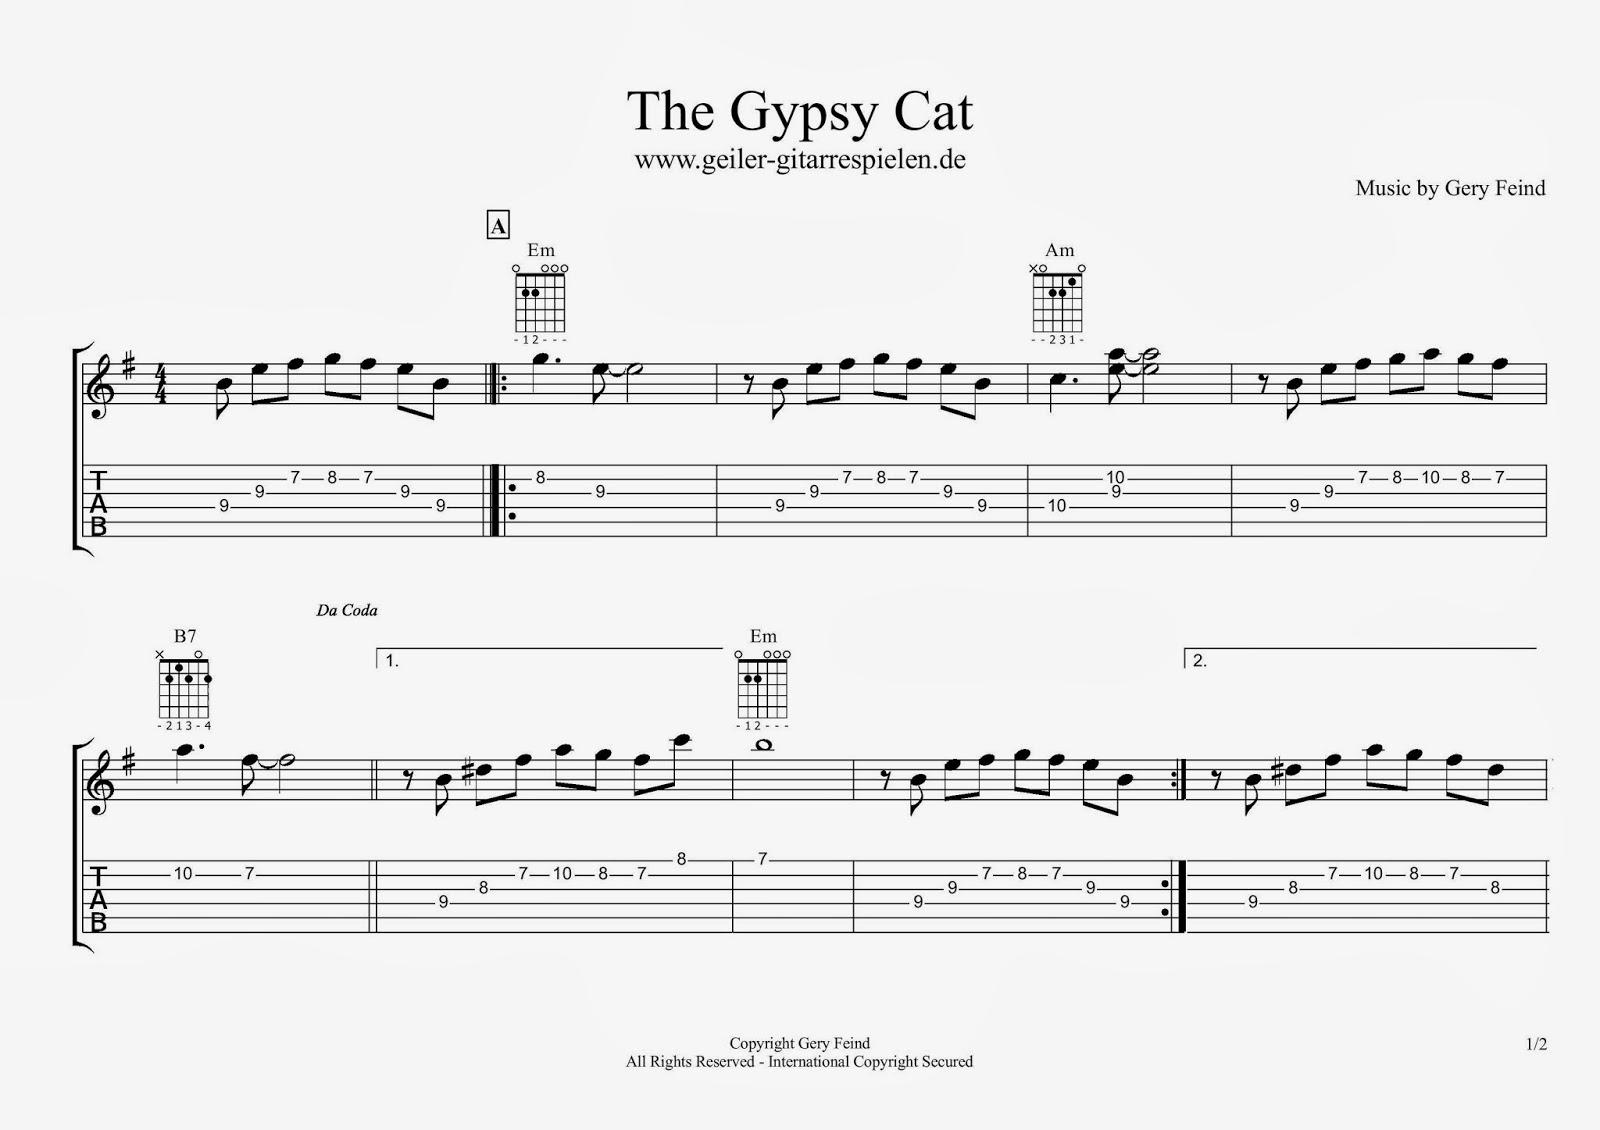 Gypsy-Blues Melodie | Einfach geiler Gitarre spielen!